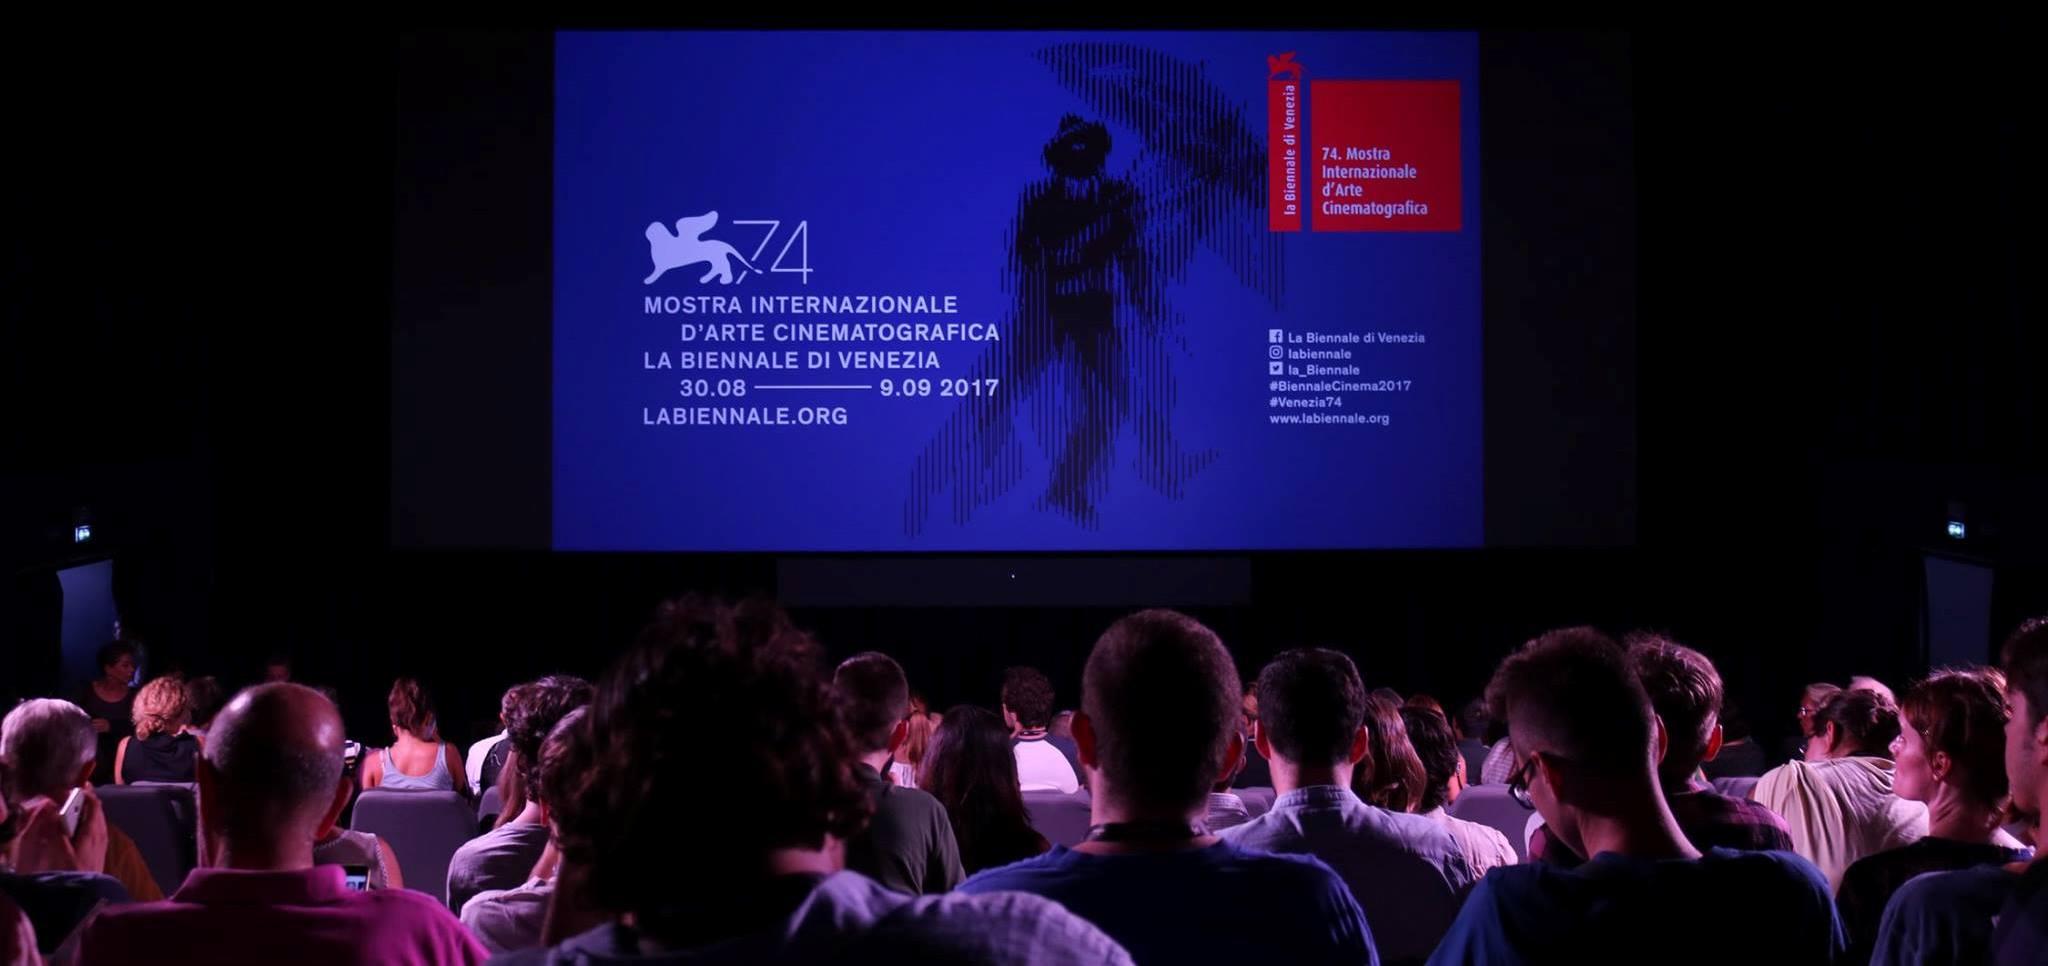 cinema_in_venice.jpg